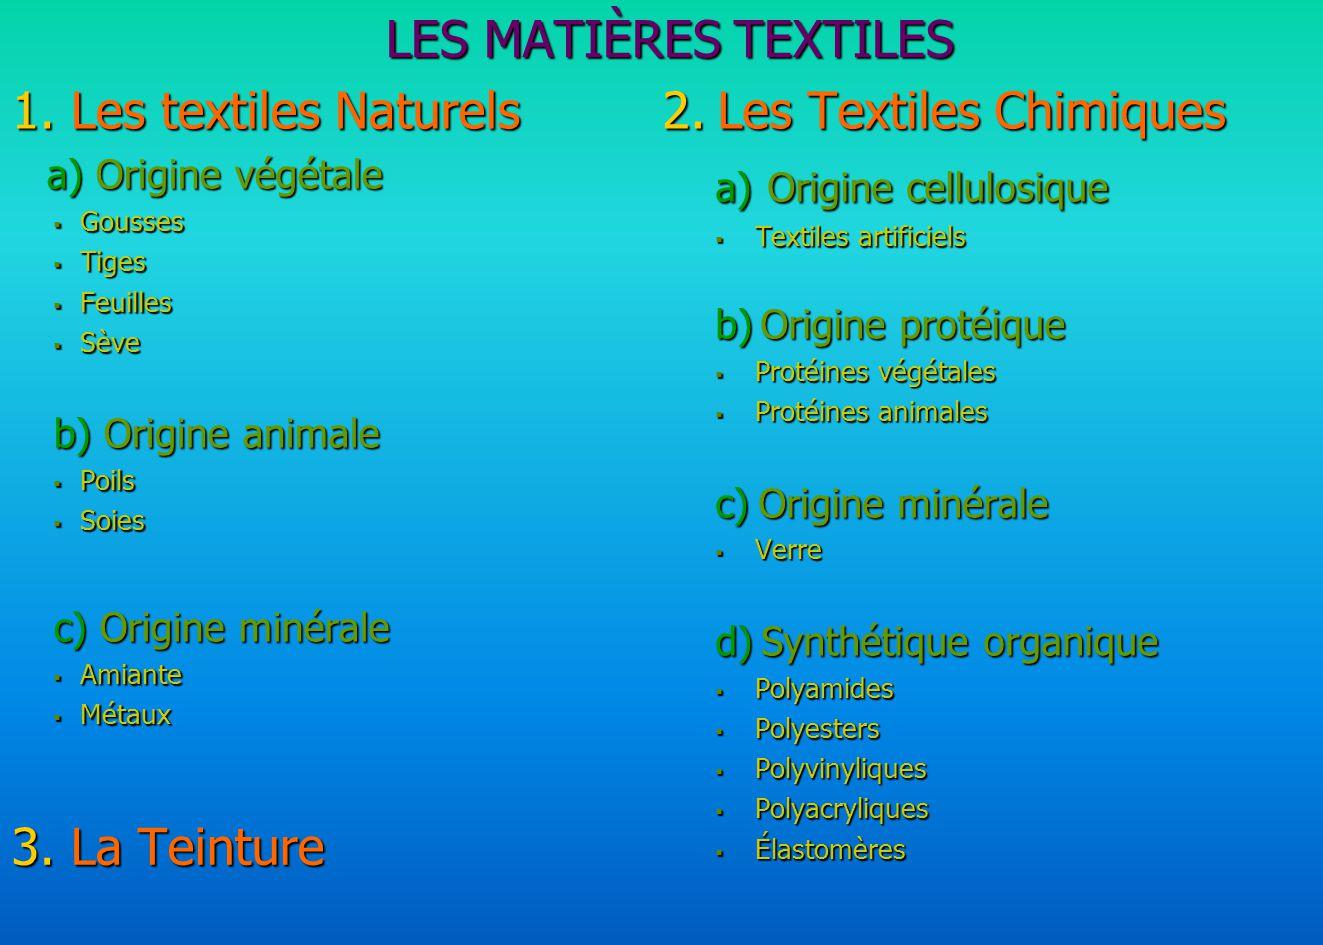 LES MATIÈRES TEXTILES 1. Les textiles Naturels a) Origine végétale a) Origine végétale Gousses Gousses Tiges Tiges Feuilles Feuilles Sève Sève b) Orig